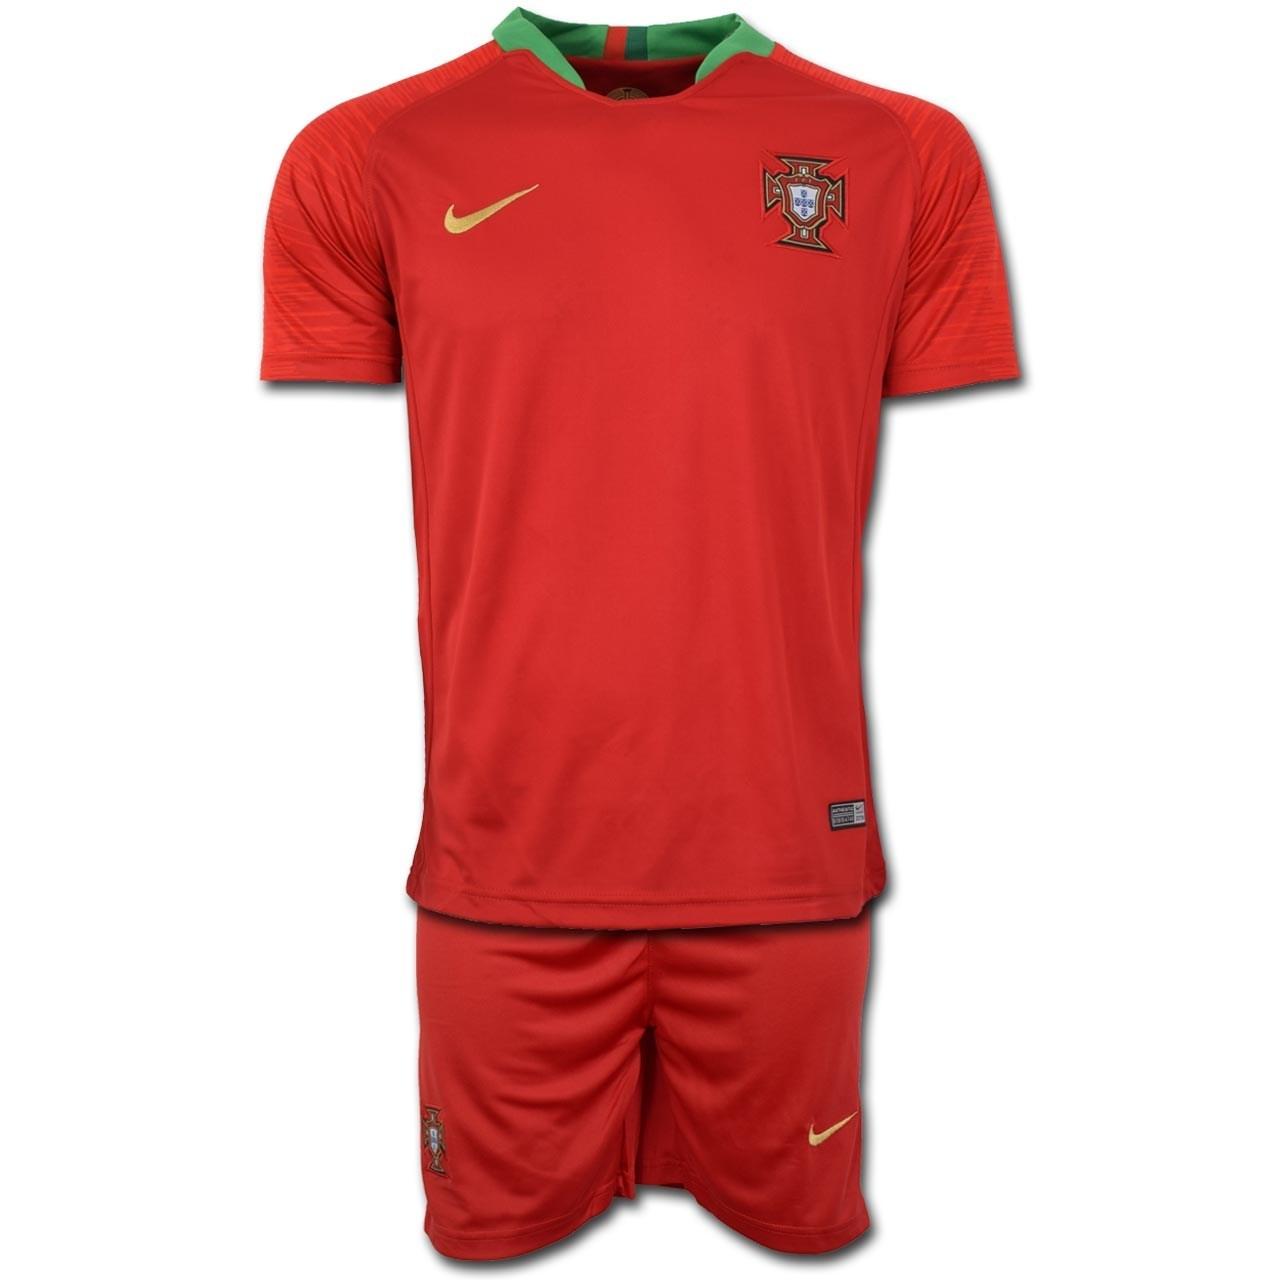 تصویر پیراهن و شورت تمرینی تیم ملی پرتغال طرح اول جام جهانی 2018